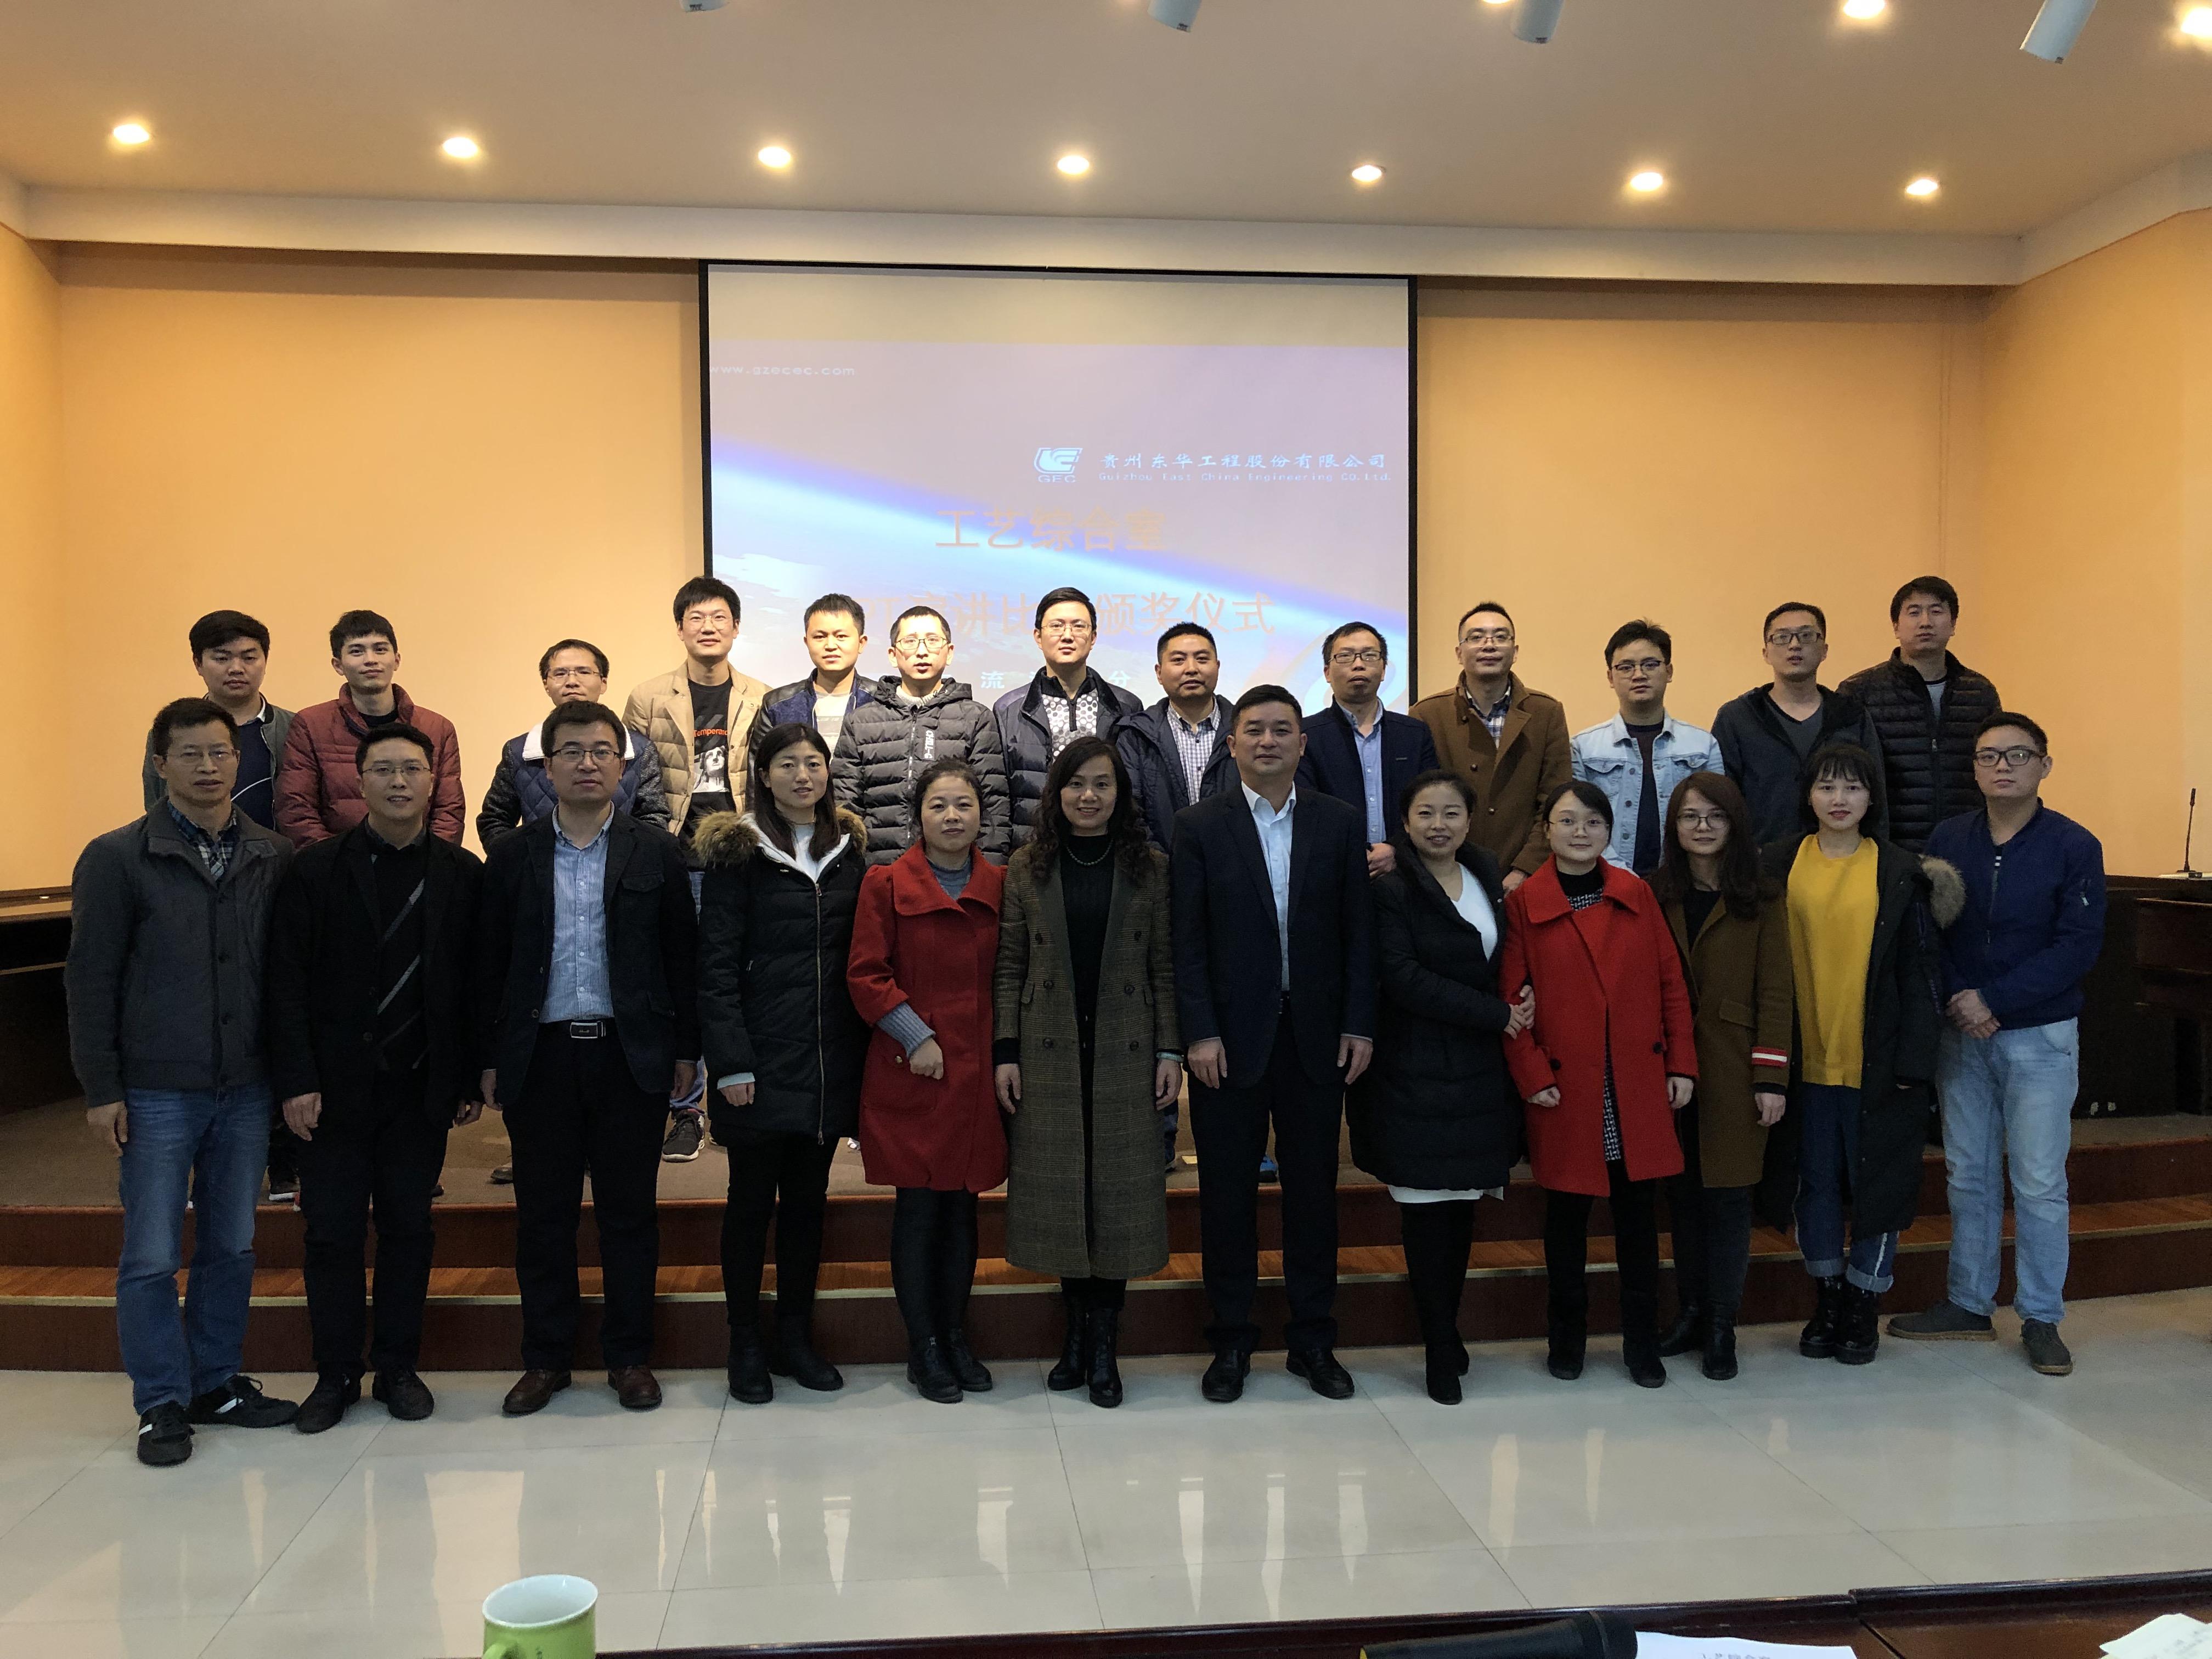 贵州东华工艺综合室举办幻灯片演讲比赛2